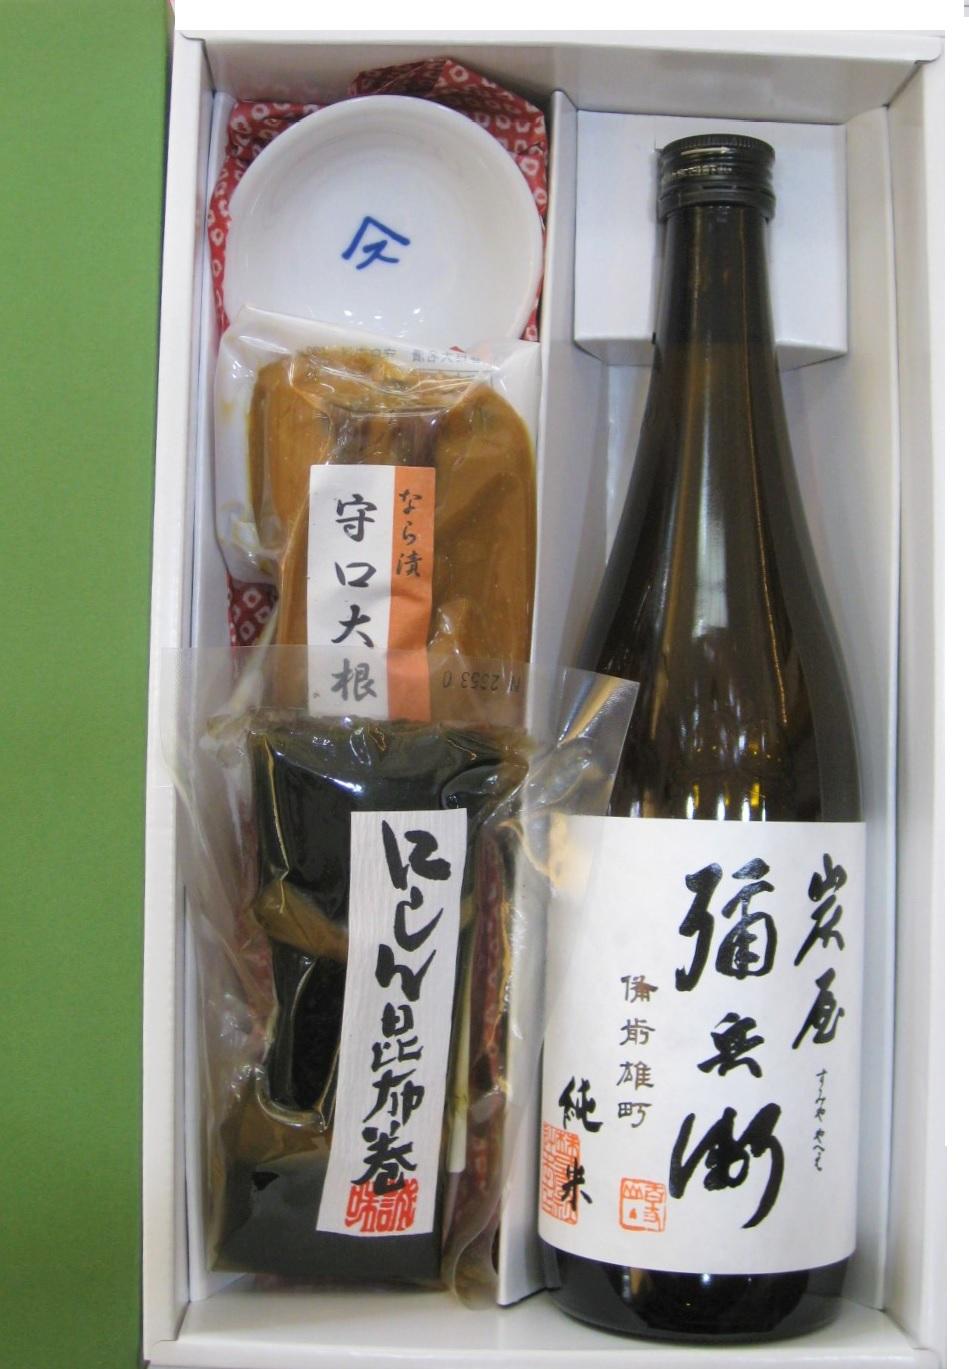 日本酒と珍味・父の日セット(酒のにしだ)